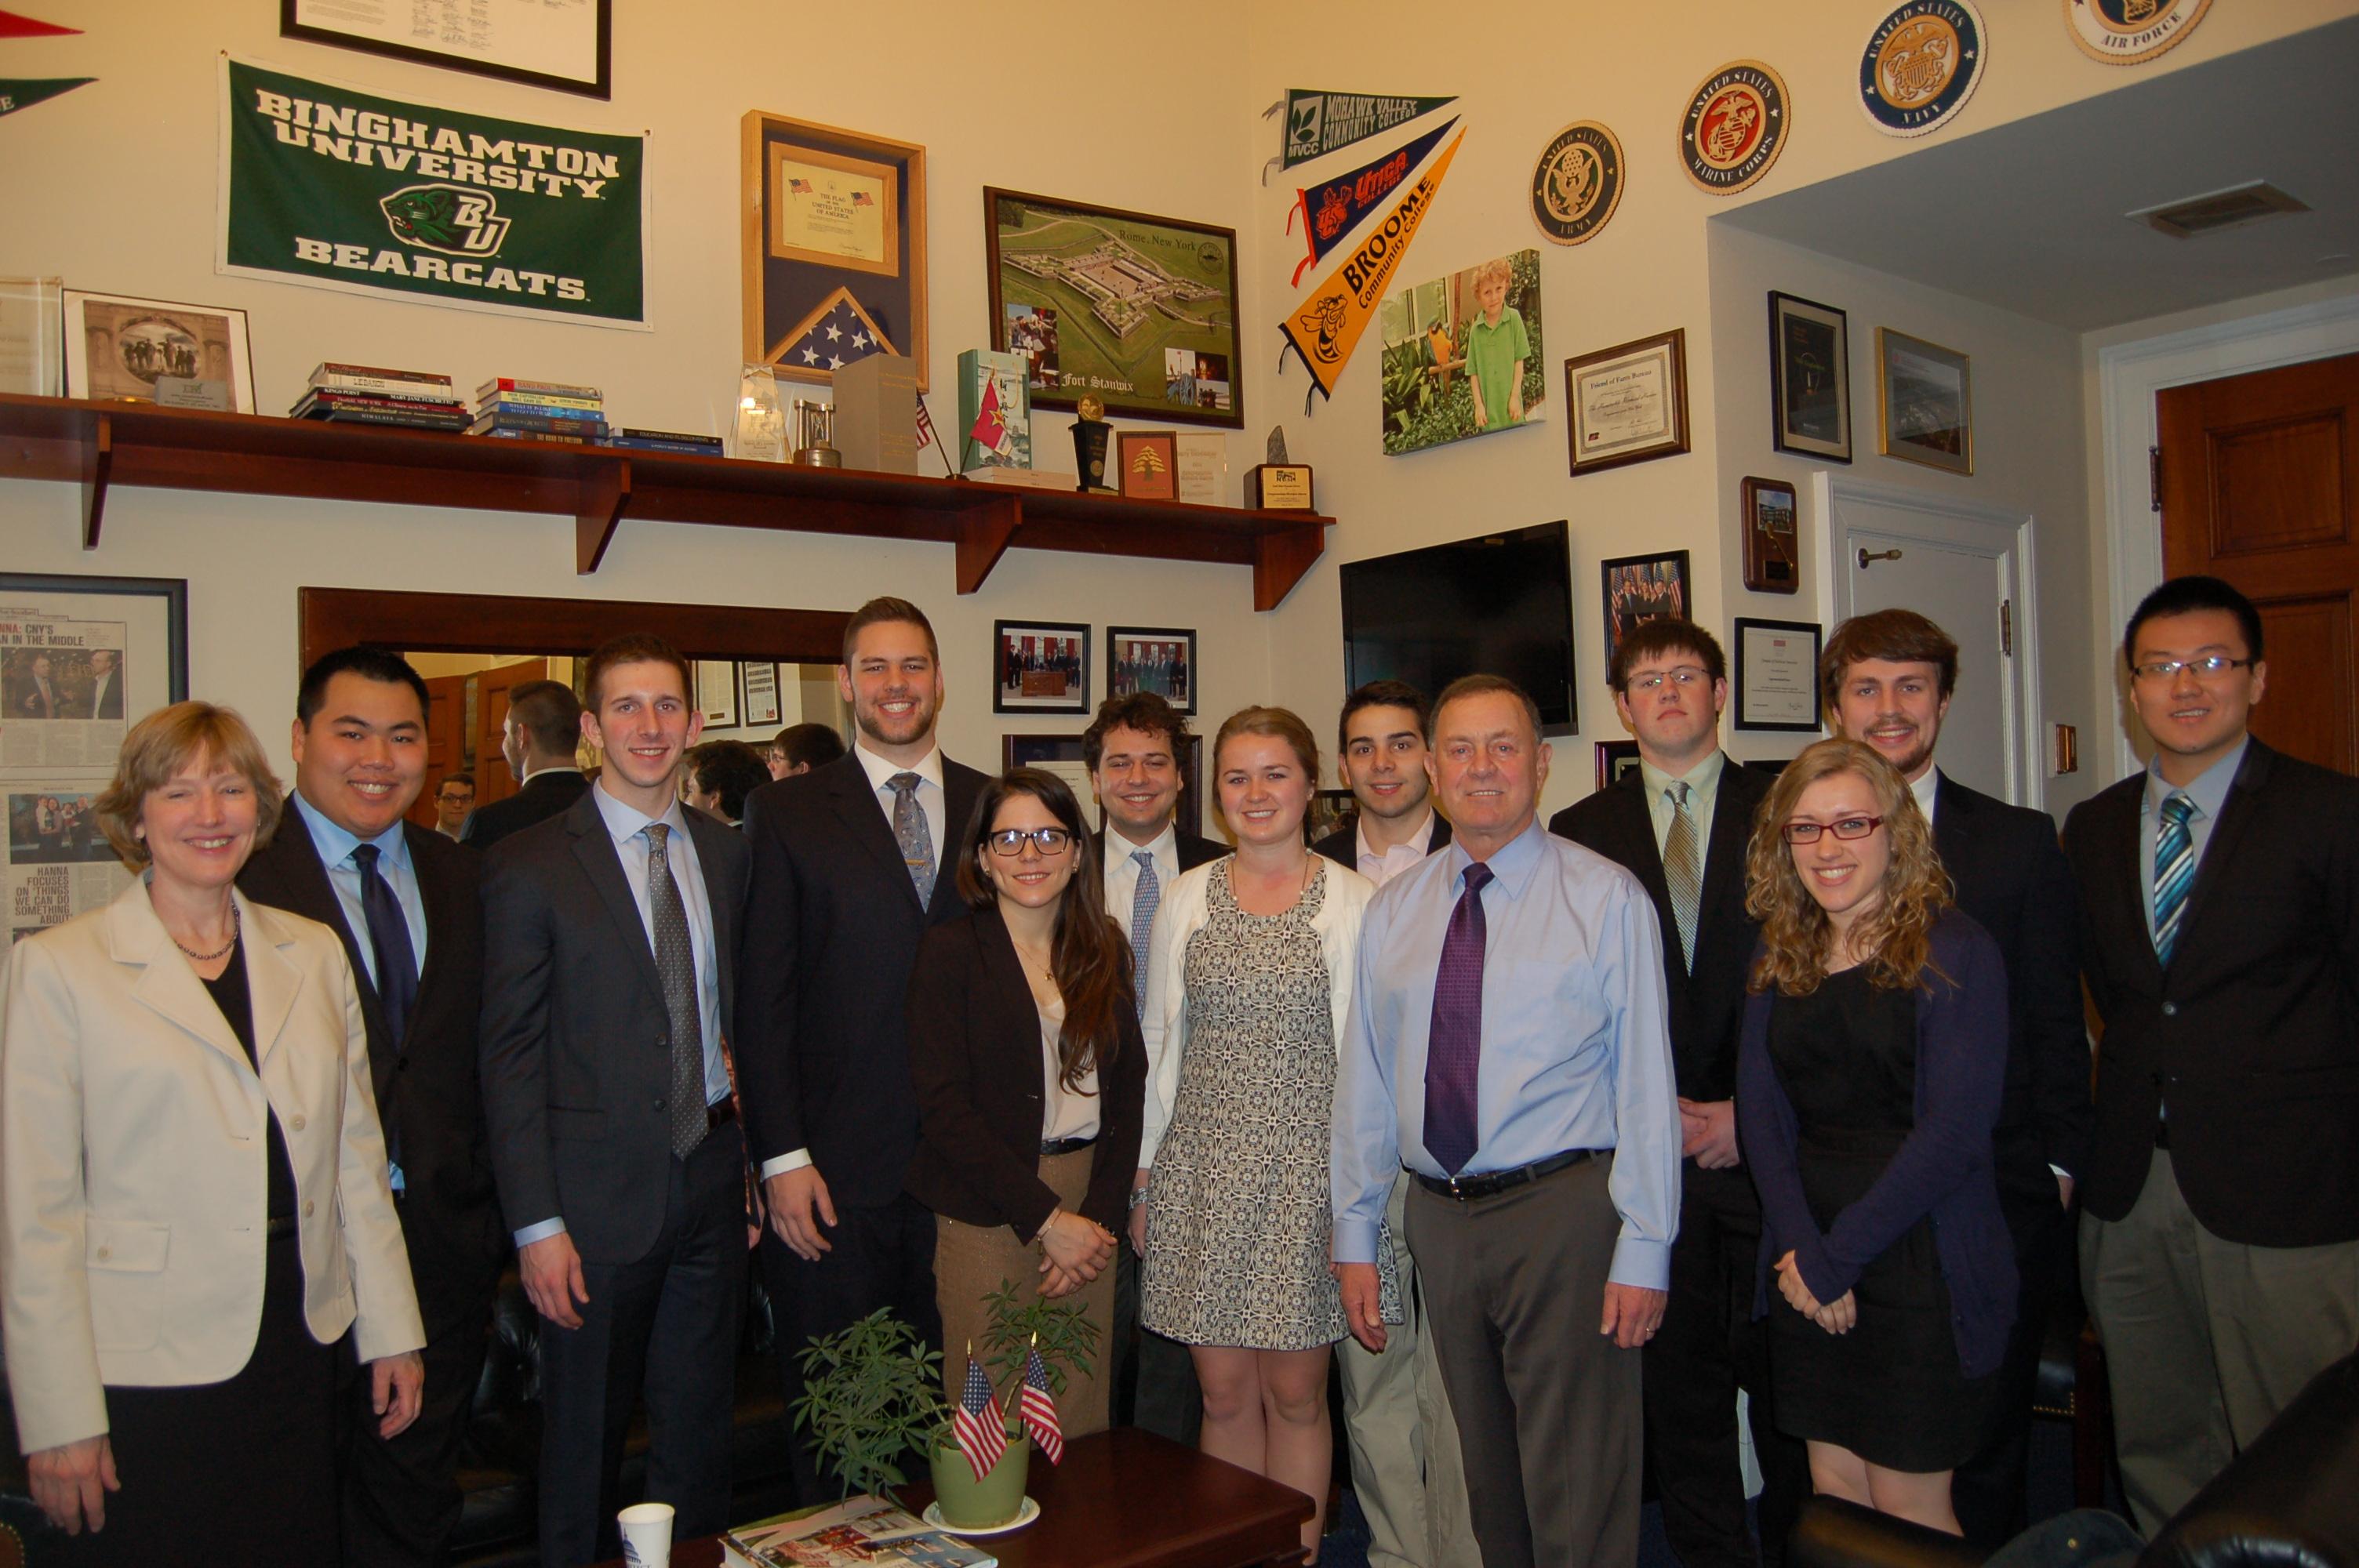 Hamilton's Washington Program students with Rep. Richard Hanna.